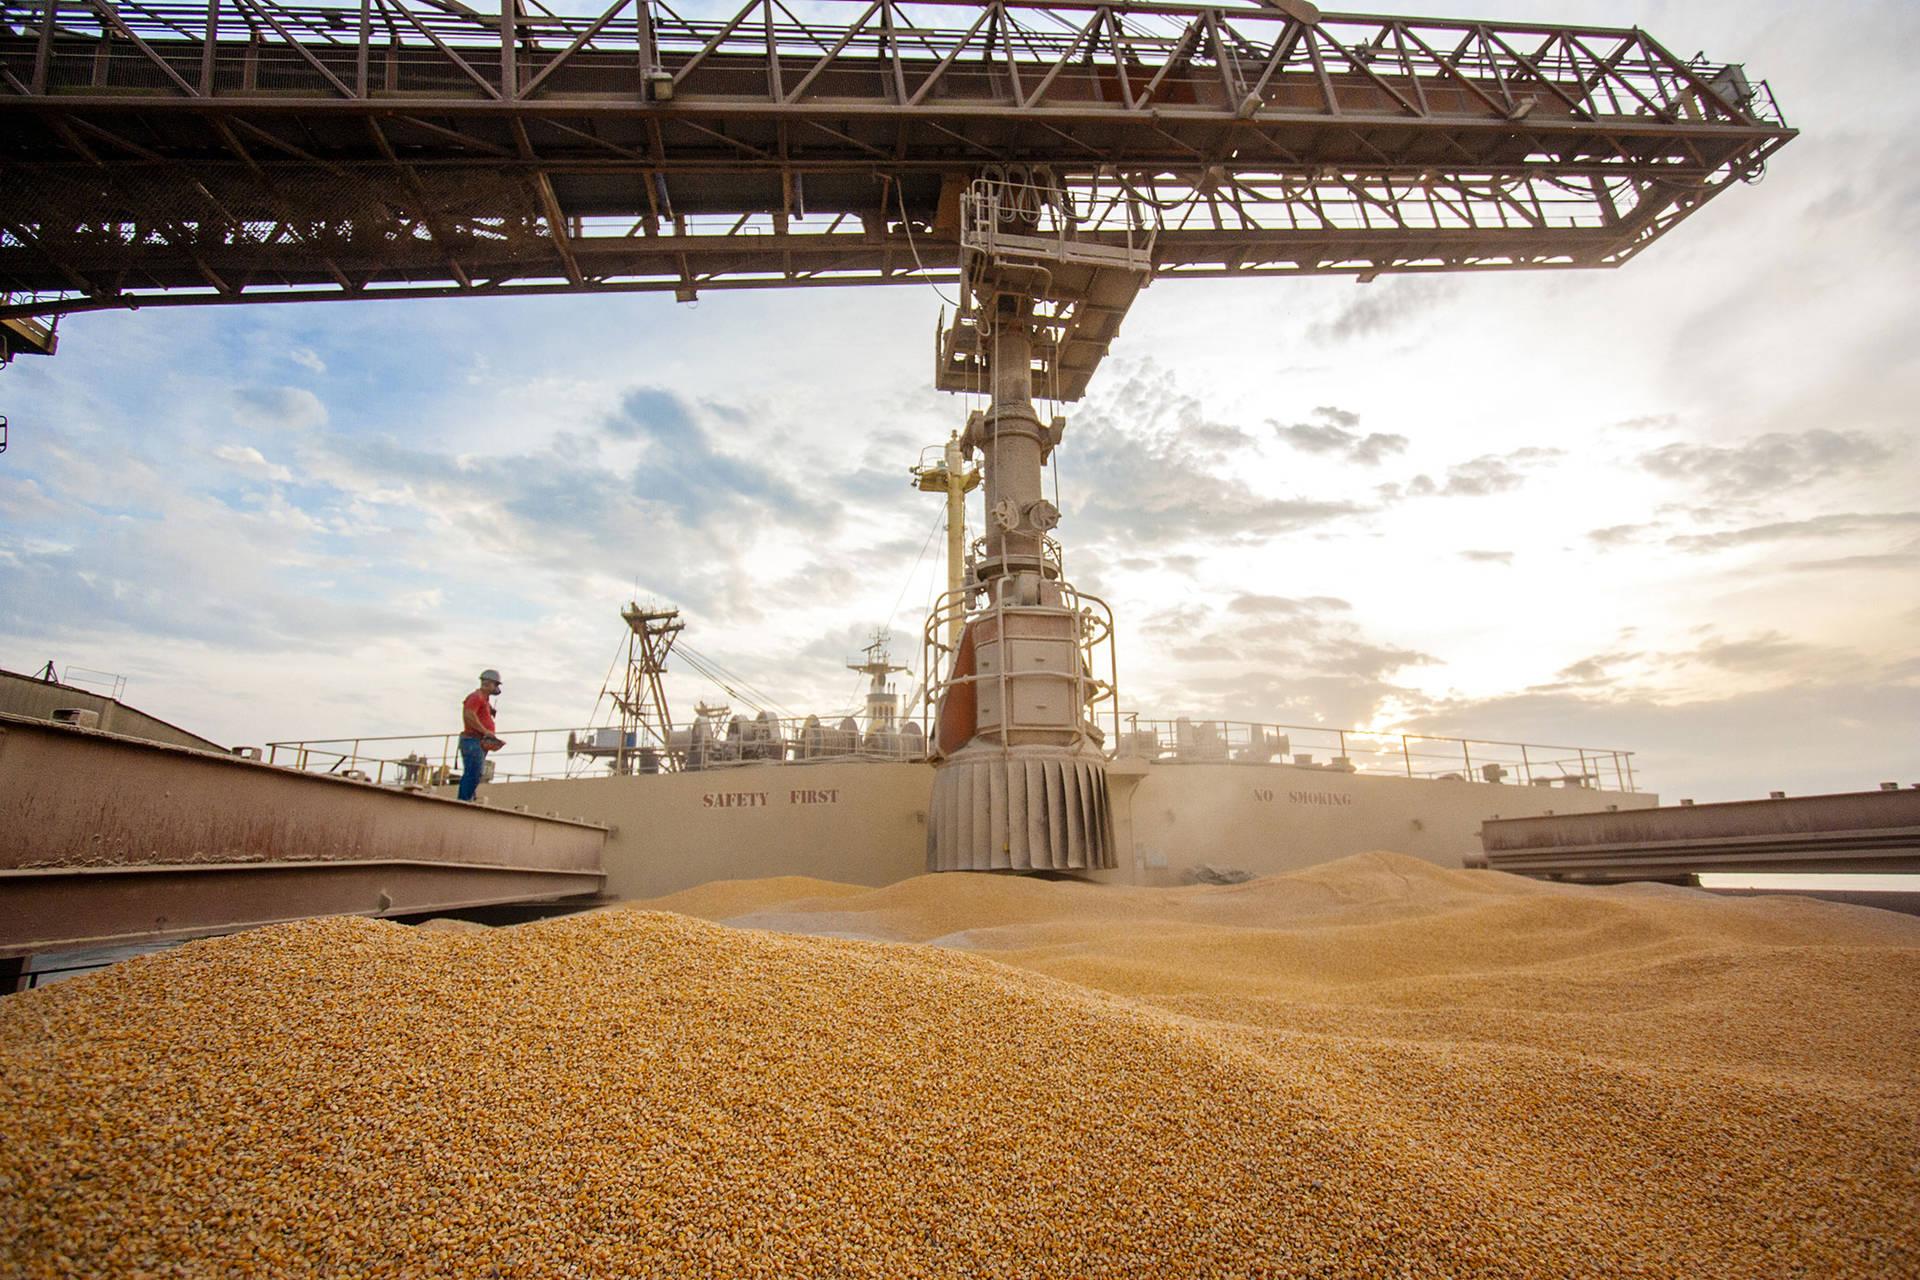 Corredor de exportação do porto paranaense movimenta 20,23 milhões de toneladas superando a marca histórica registrada em 2018, de 19,76 milhões